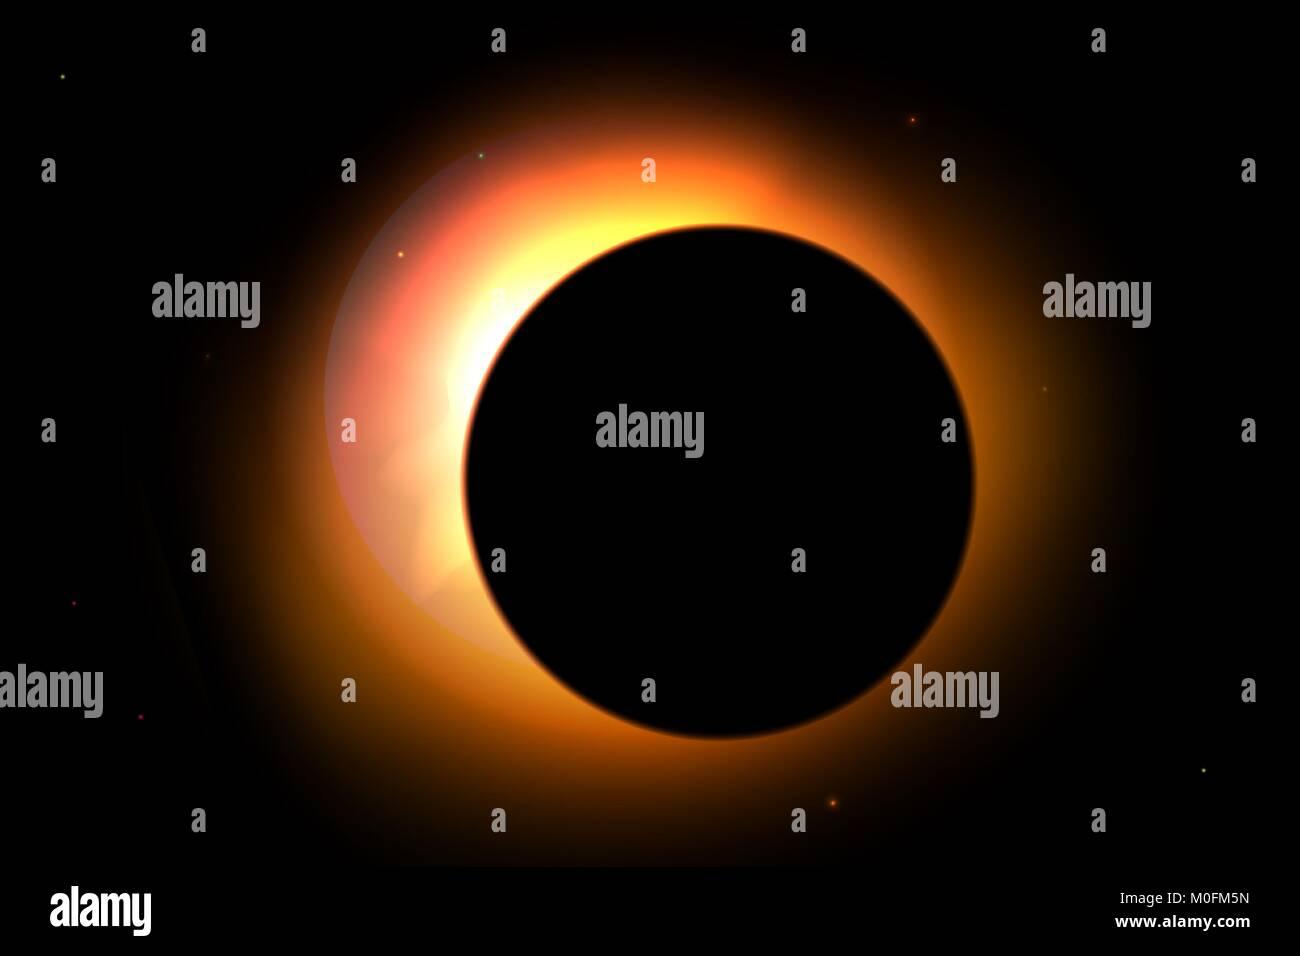 Sonnenfinsternis mit Sternen auf Hintergrund. Vektor Sonne Illustration für Design Stockbild